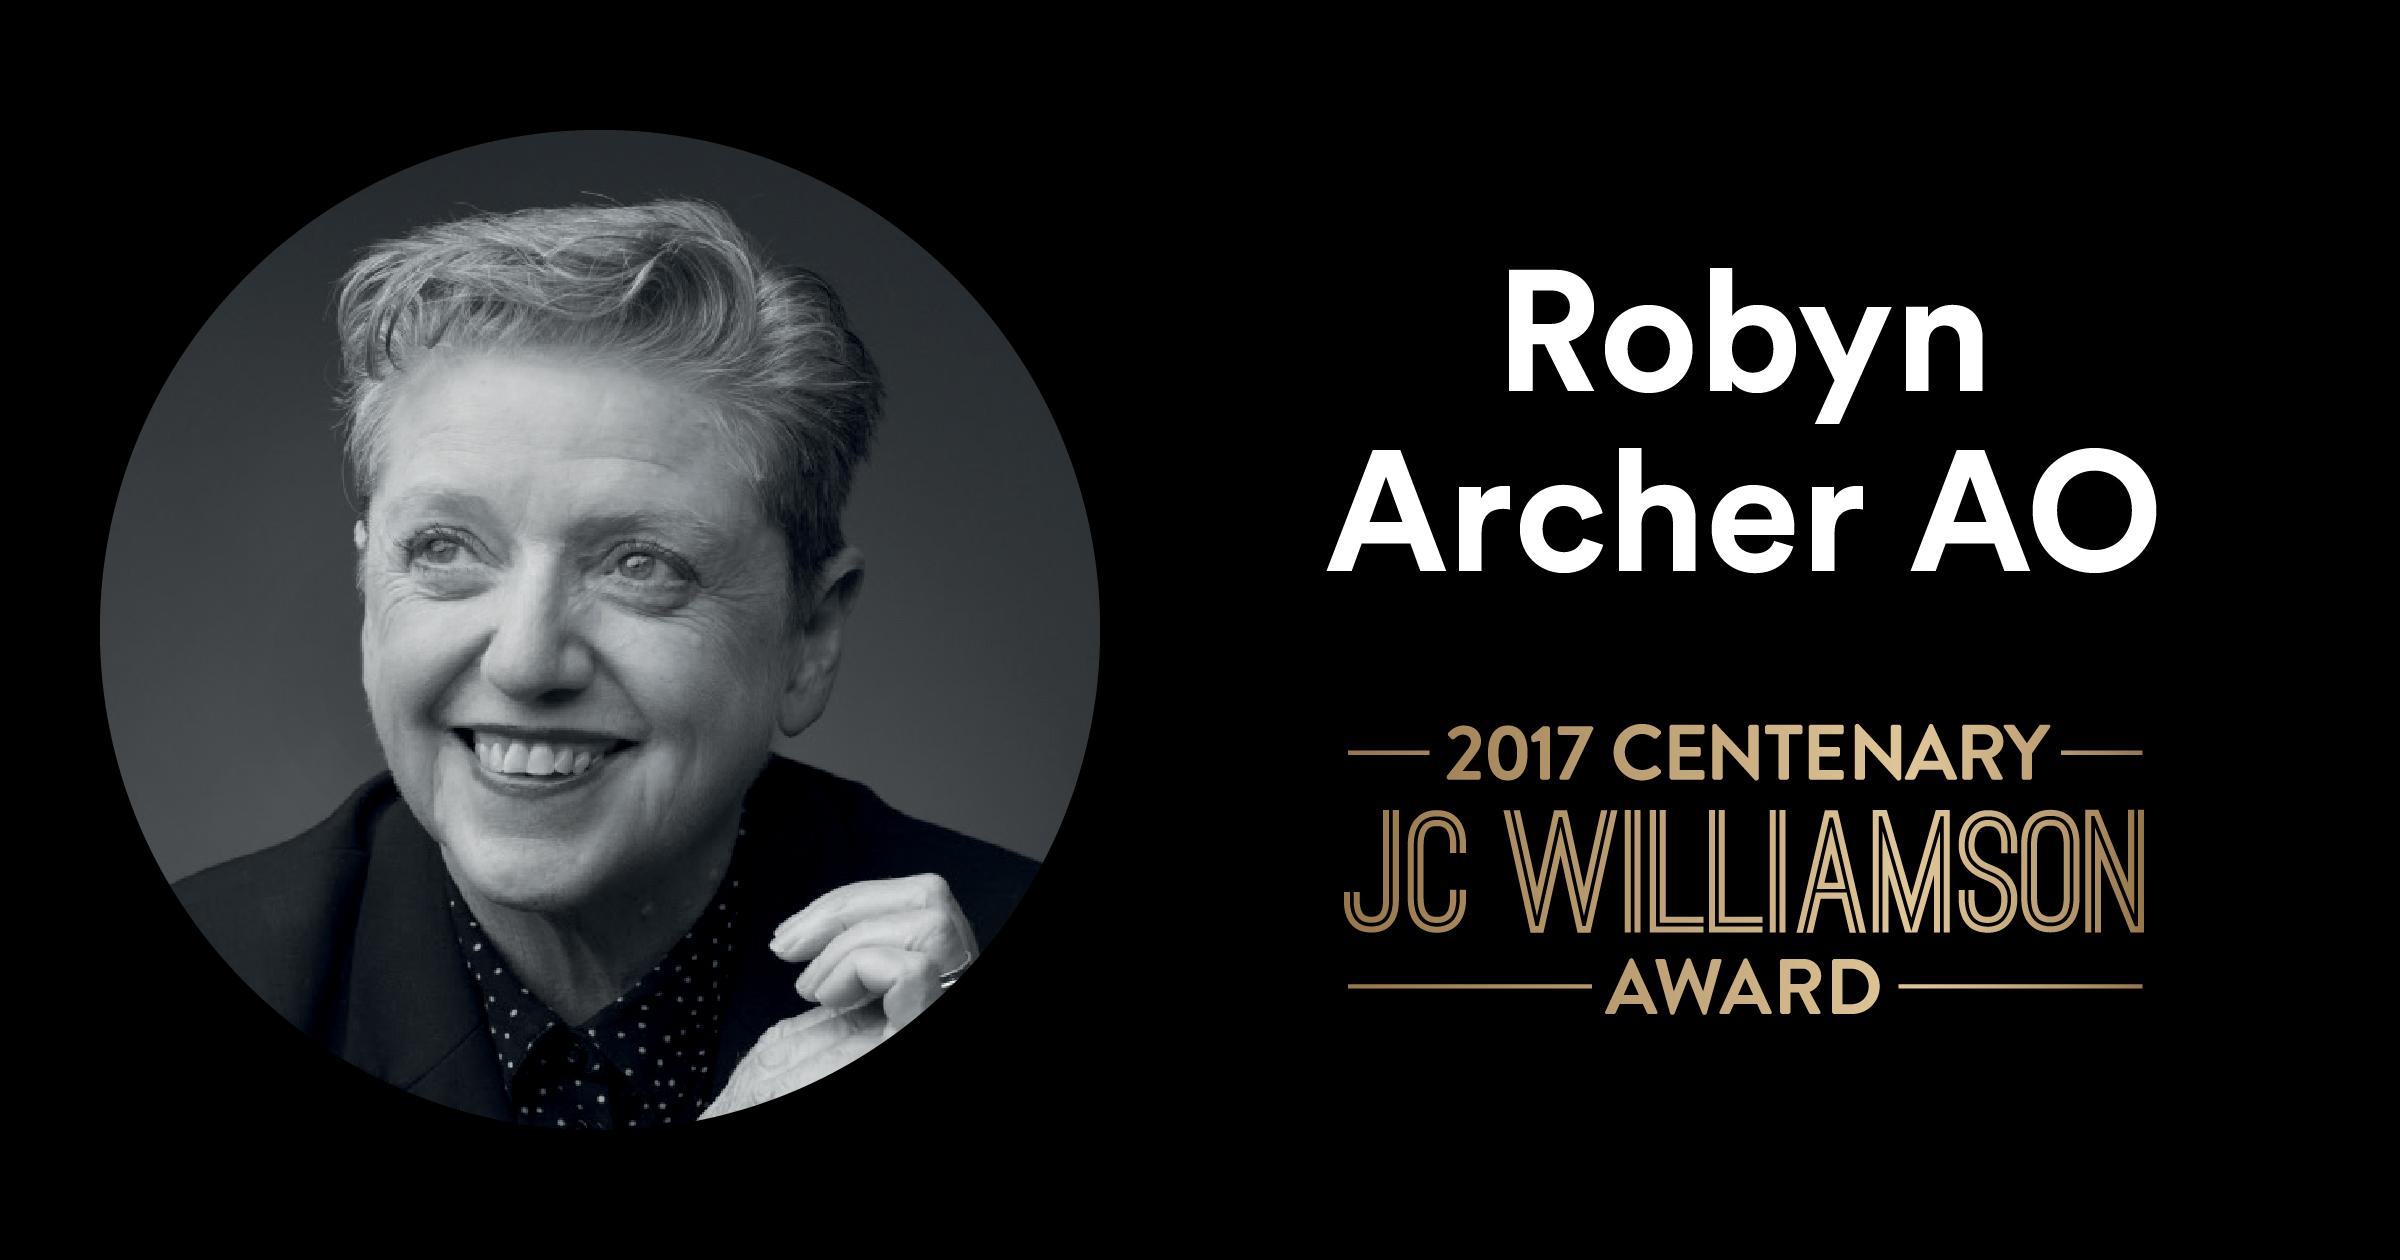 09-robyn-archer-ao22.jpg